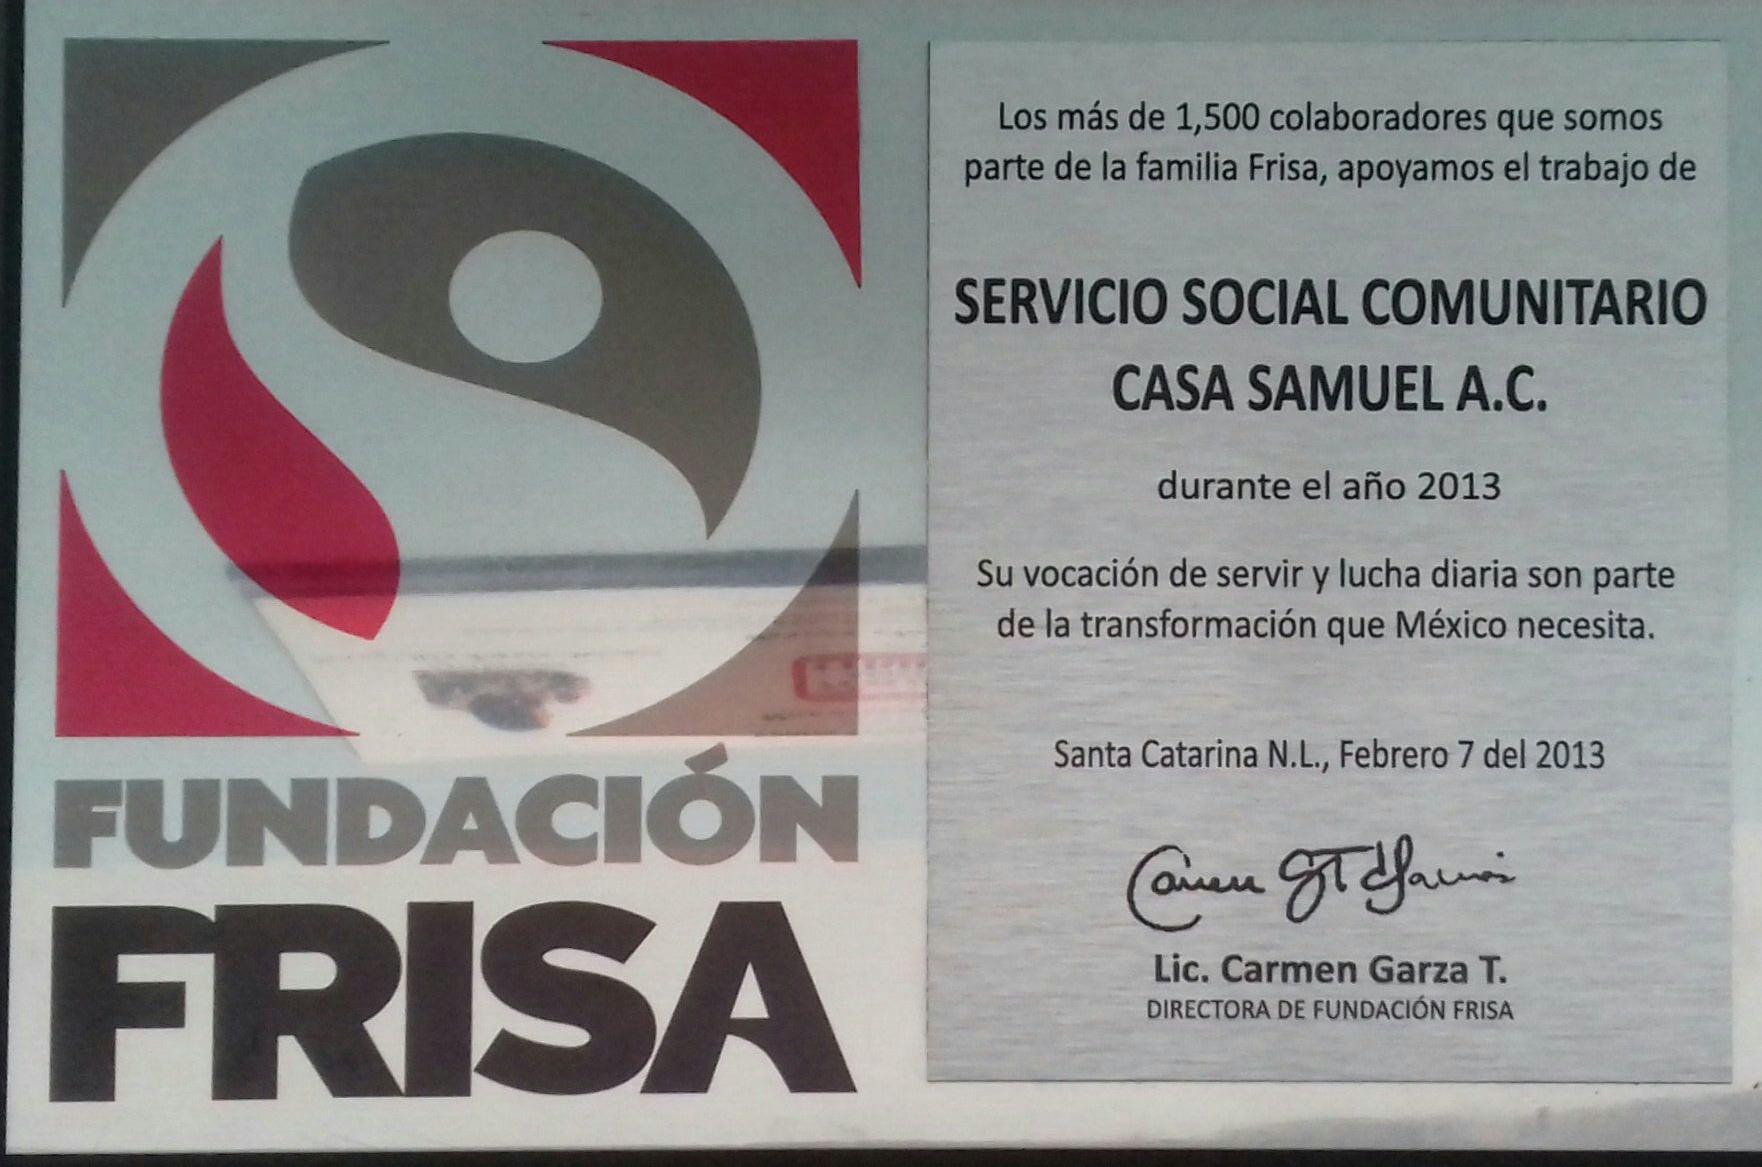 PREMIO VOCACION DE SERVIR FUNDACION FRISA 2013